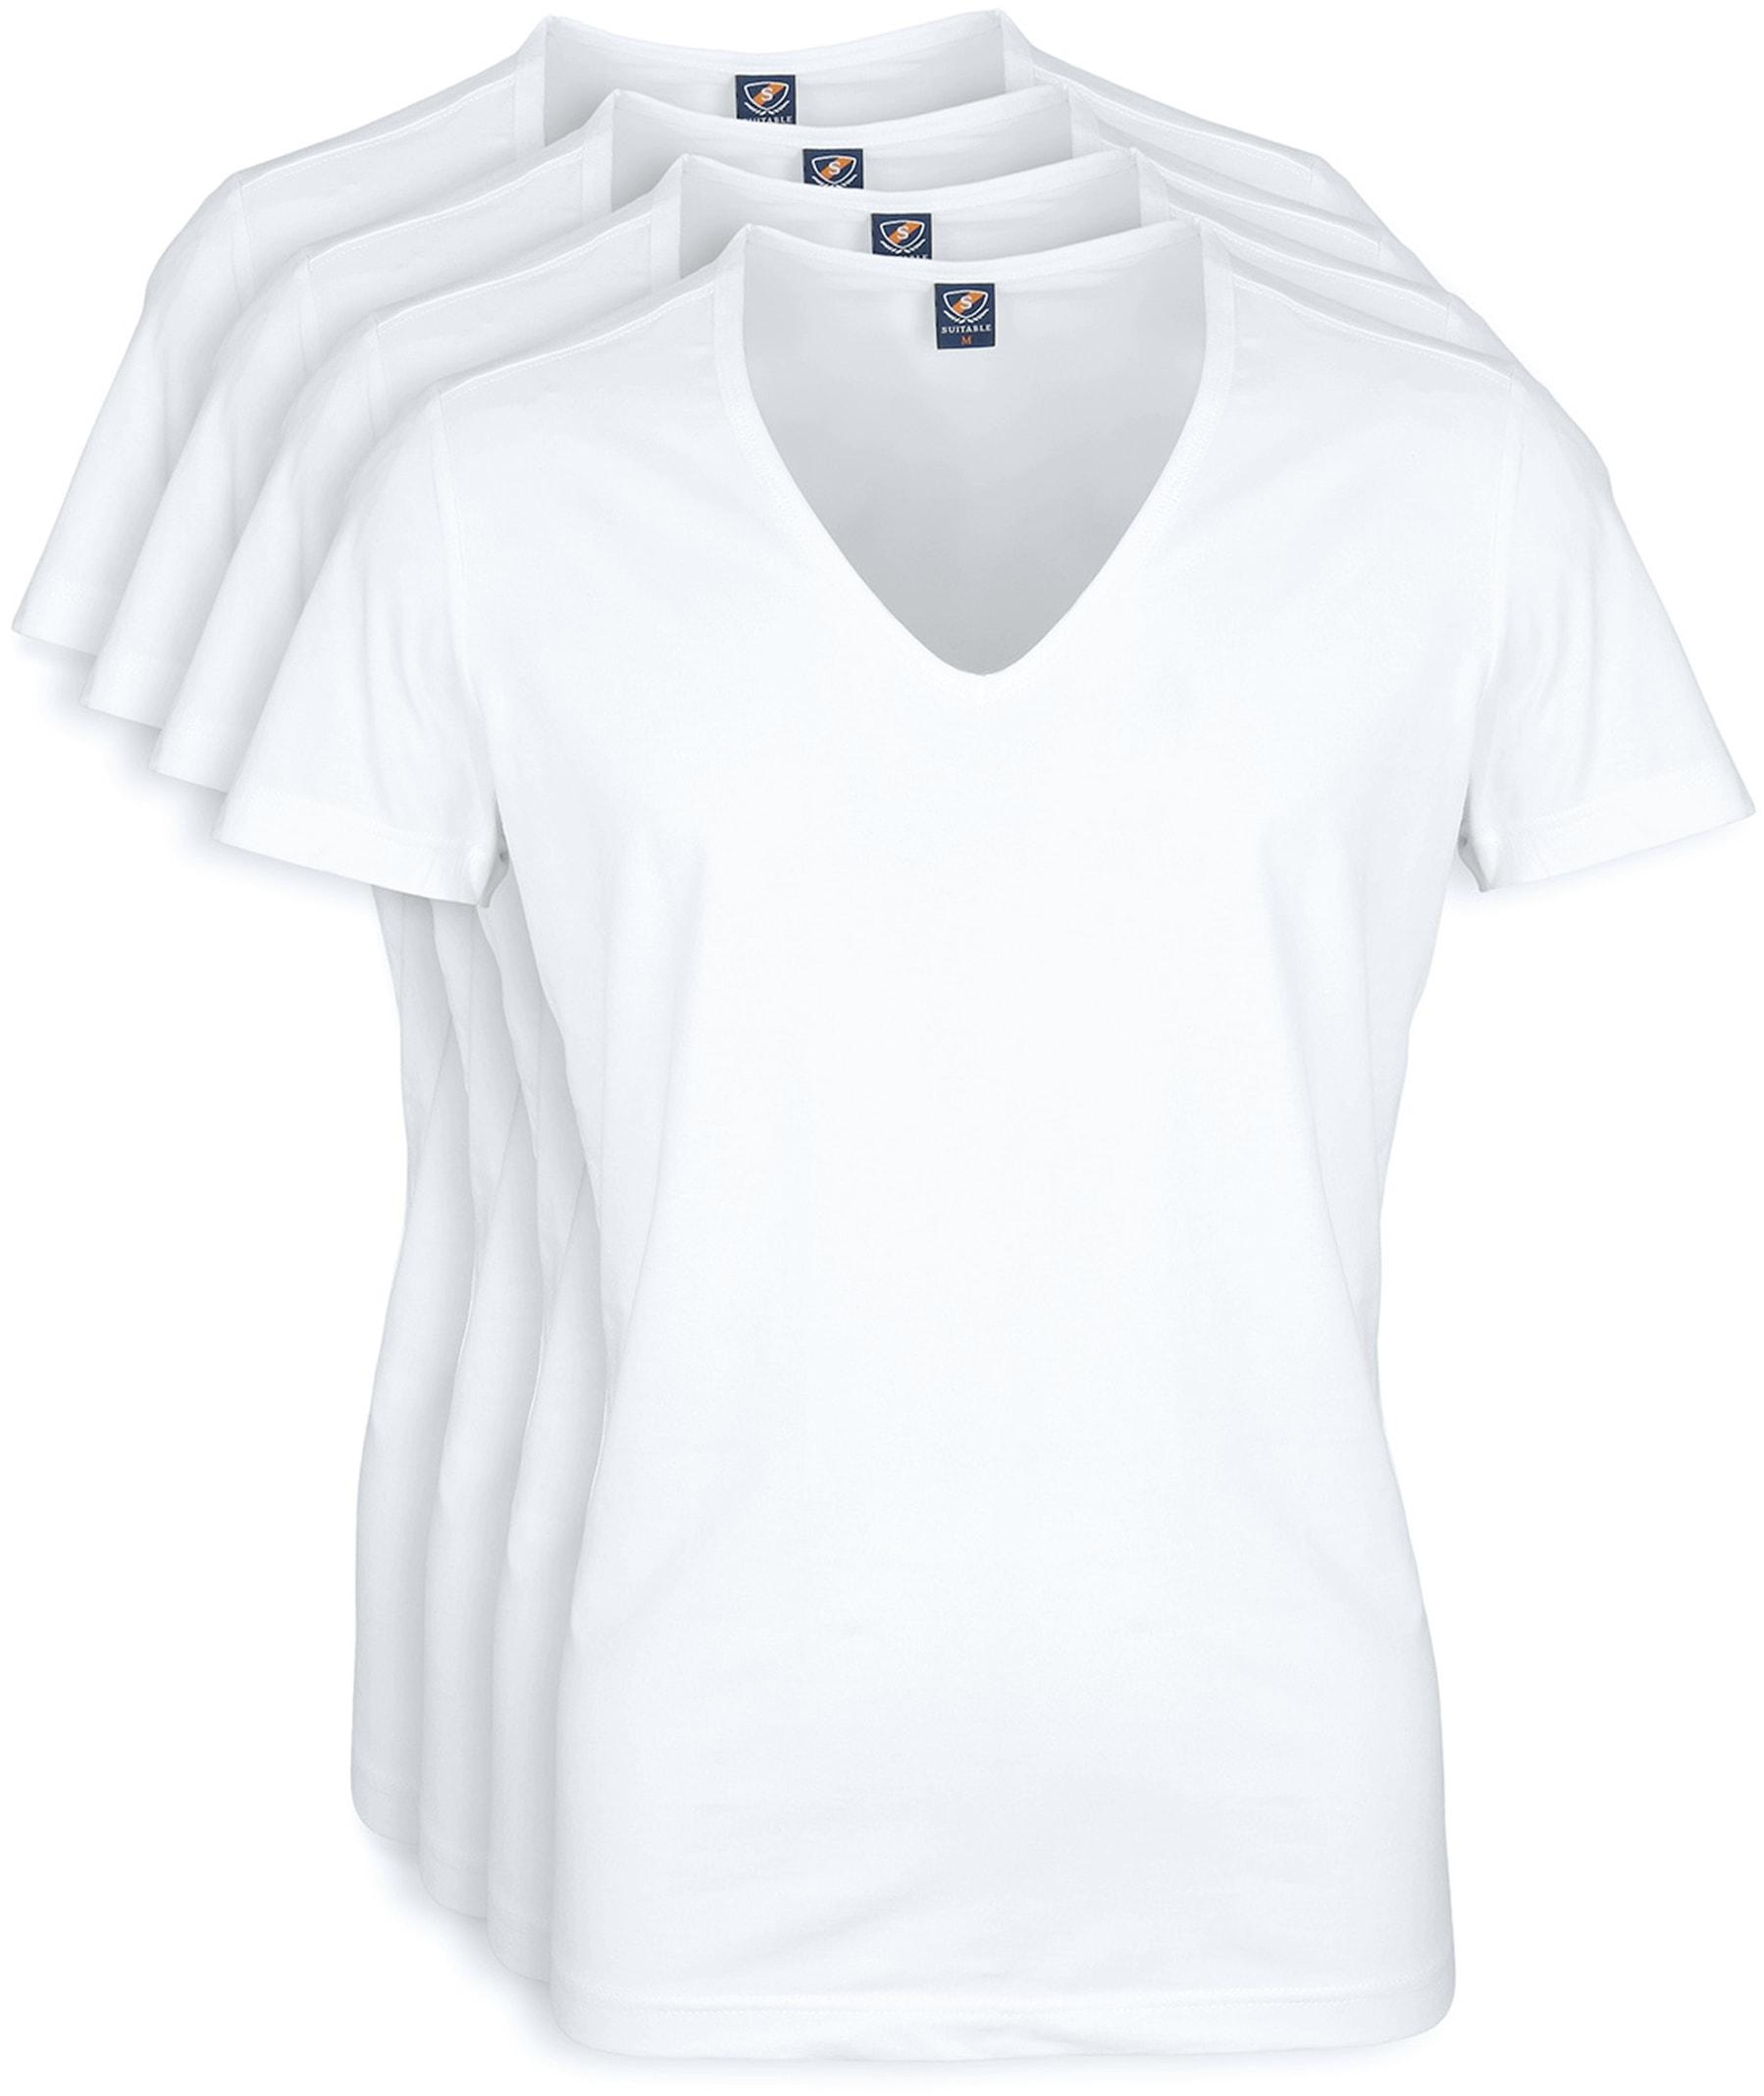 T-Shirt Tiefer V-Ausschnitt 4-Pack Stretch Weiß foto 0